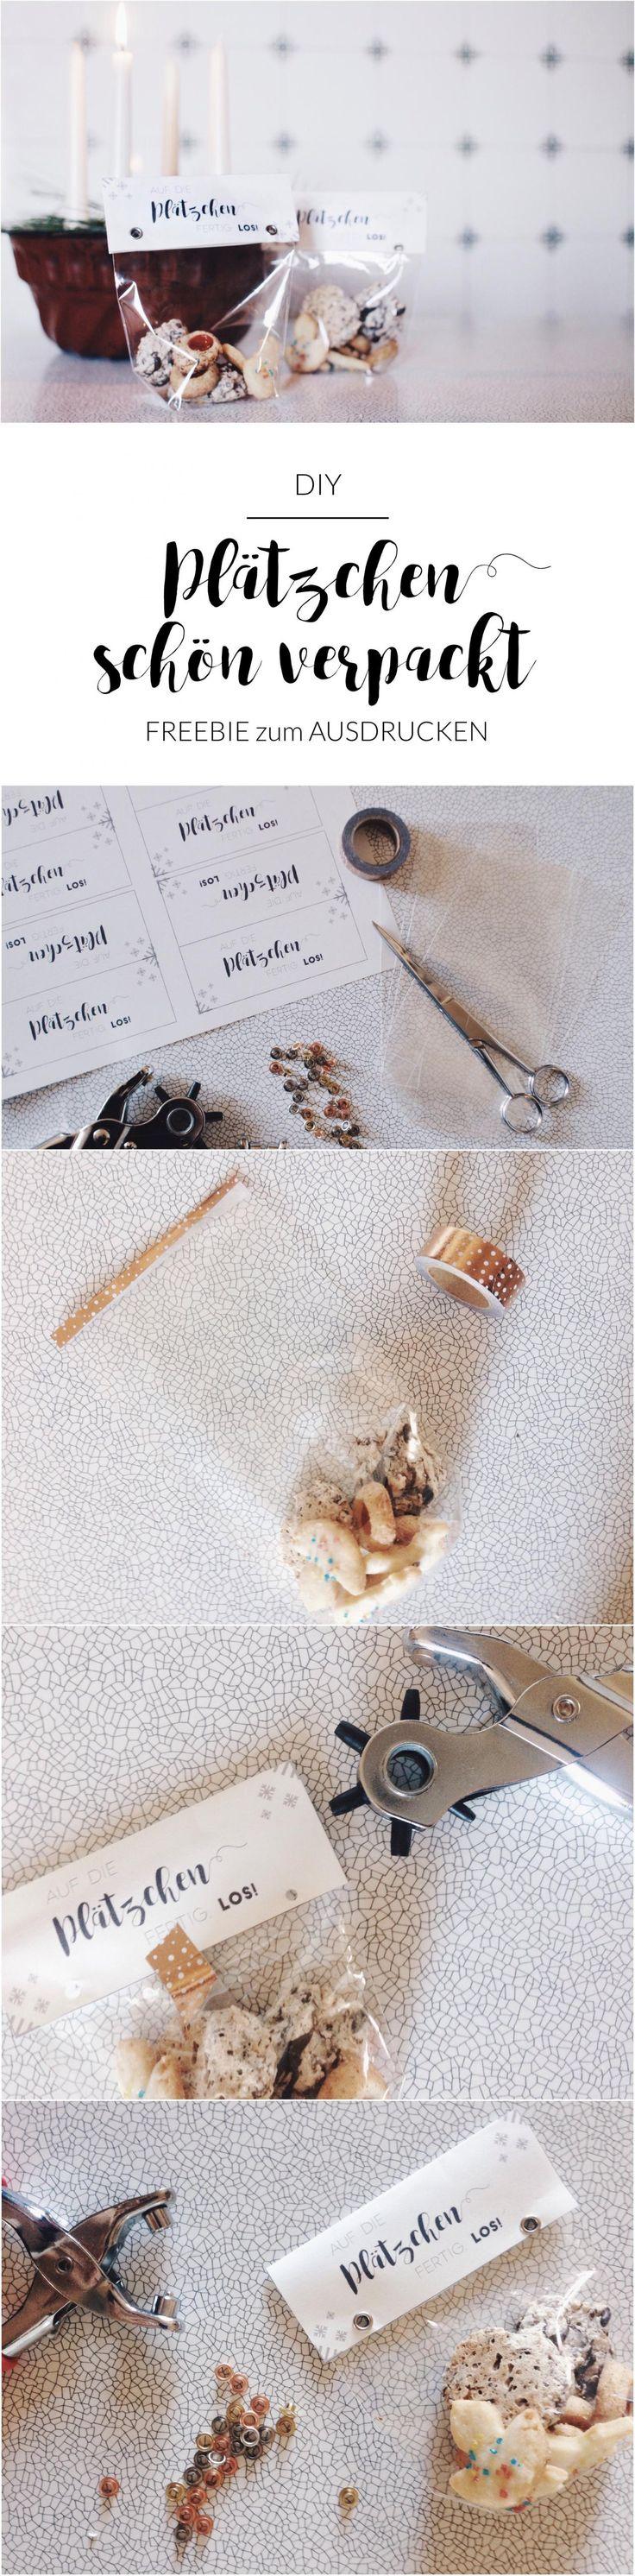 DIY | Plätzchen schön verpacken zum Verschenken | Verpackung selber machen | Freebie | Printables | Plätzchen in Tüten